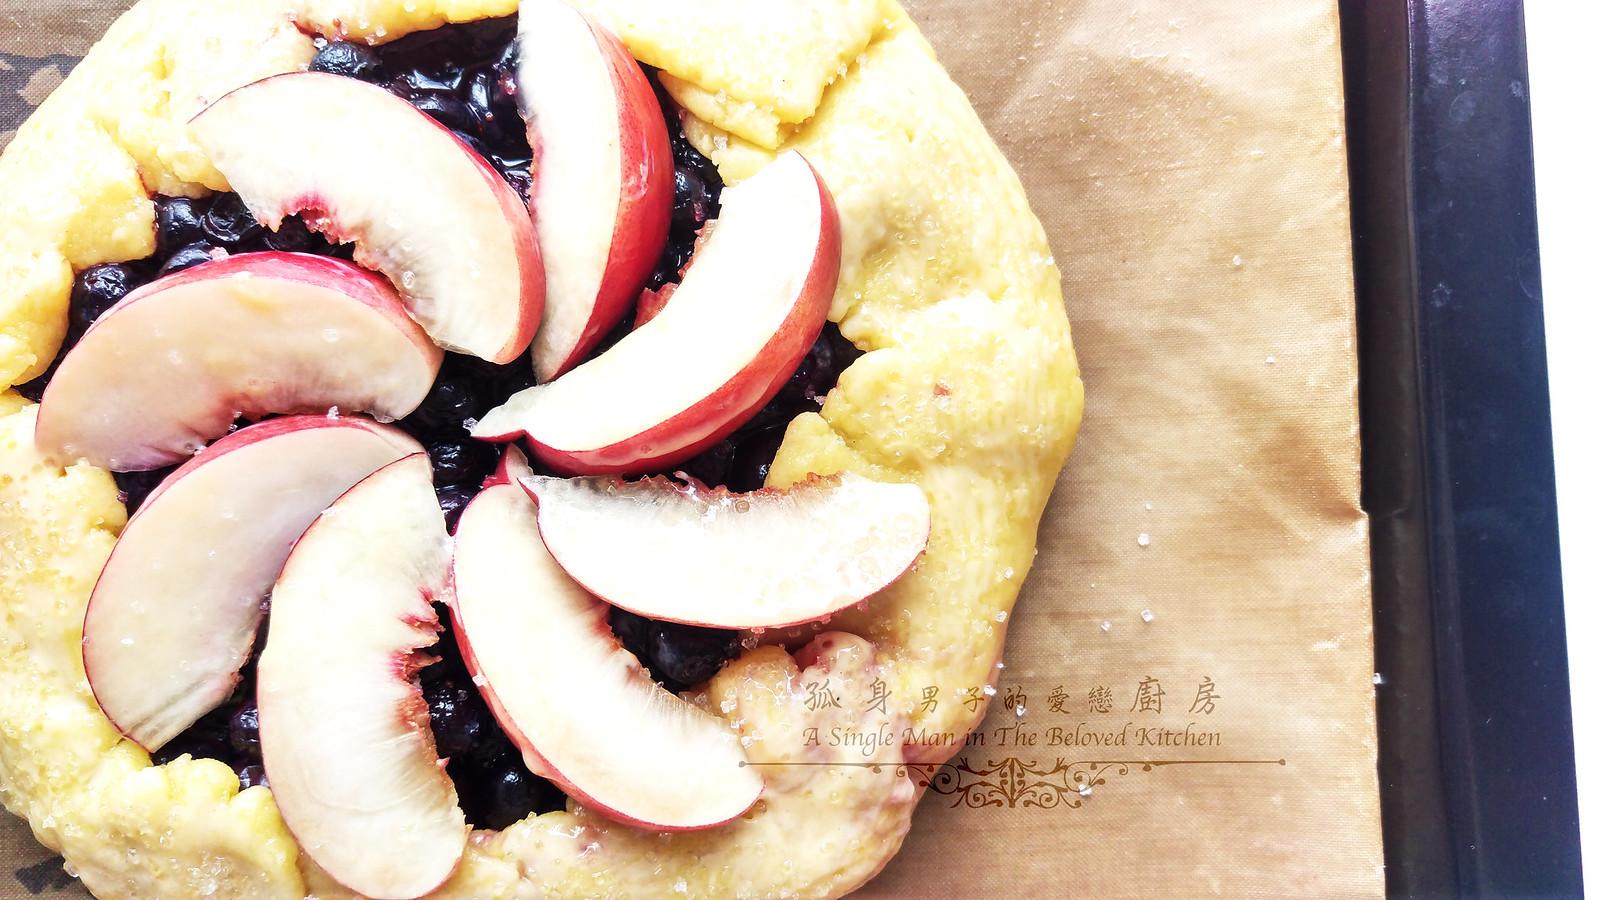 孤身廚房-藍莓甜桃法式烘餅Blueberry-Nectarin Galette22